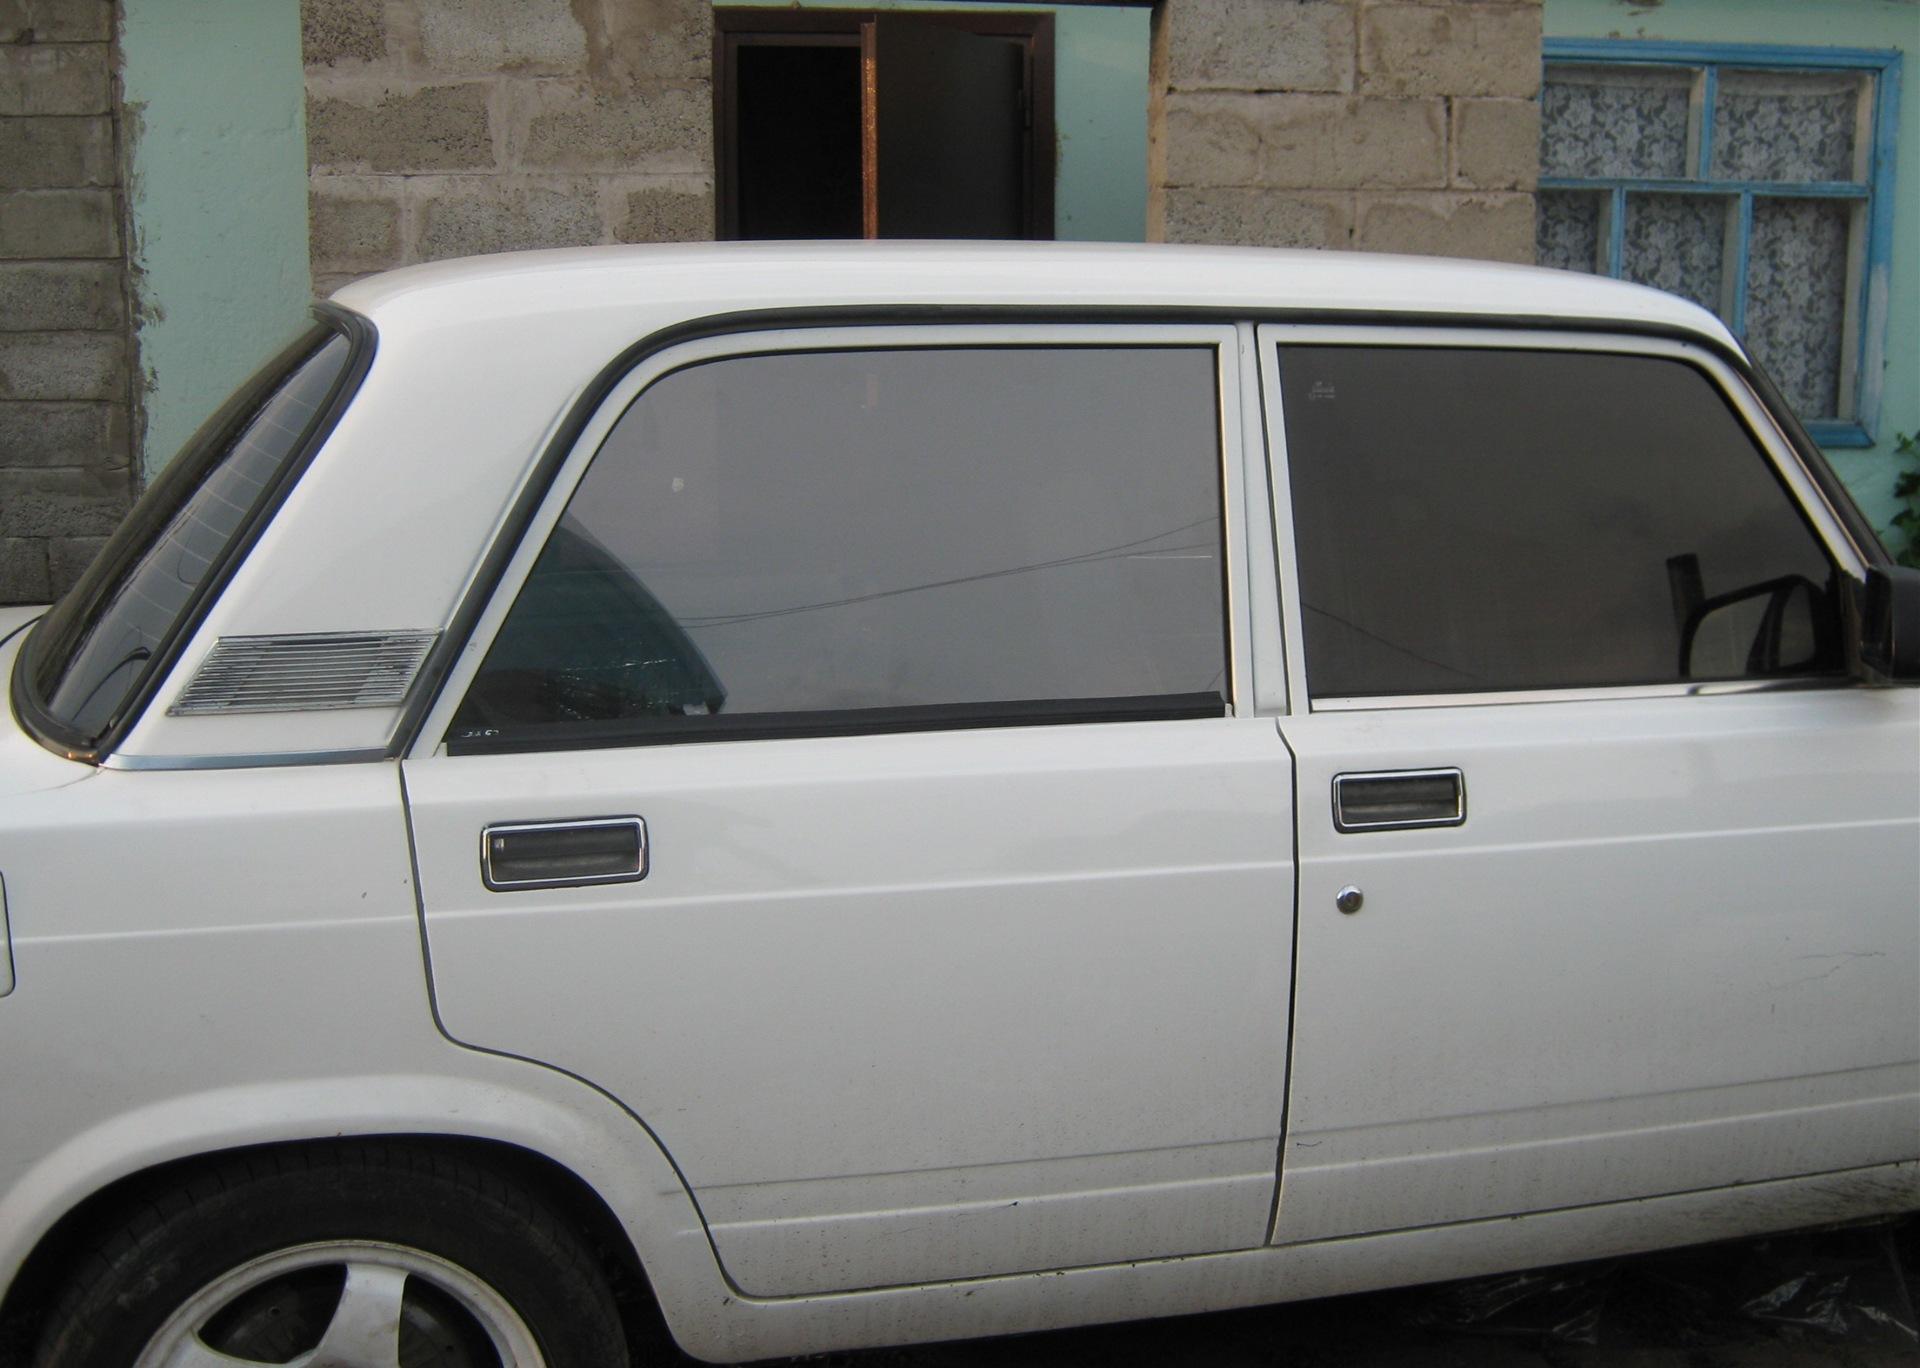 цельные стёкла задних дверей - logbook Lada 2107 посоны поймут 1994 on DRIVE2